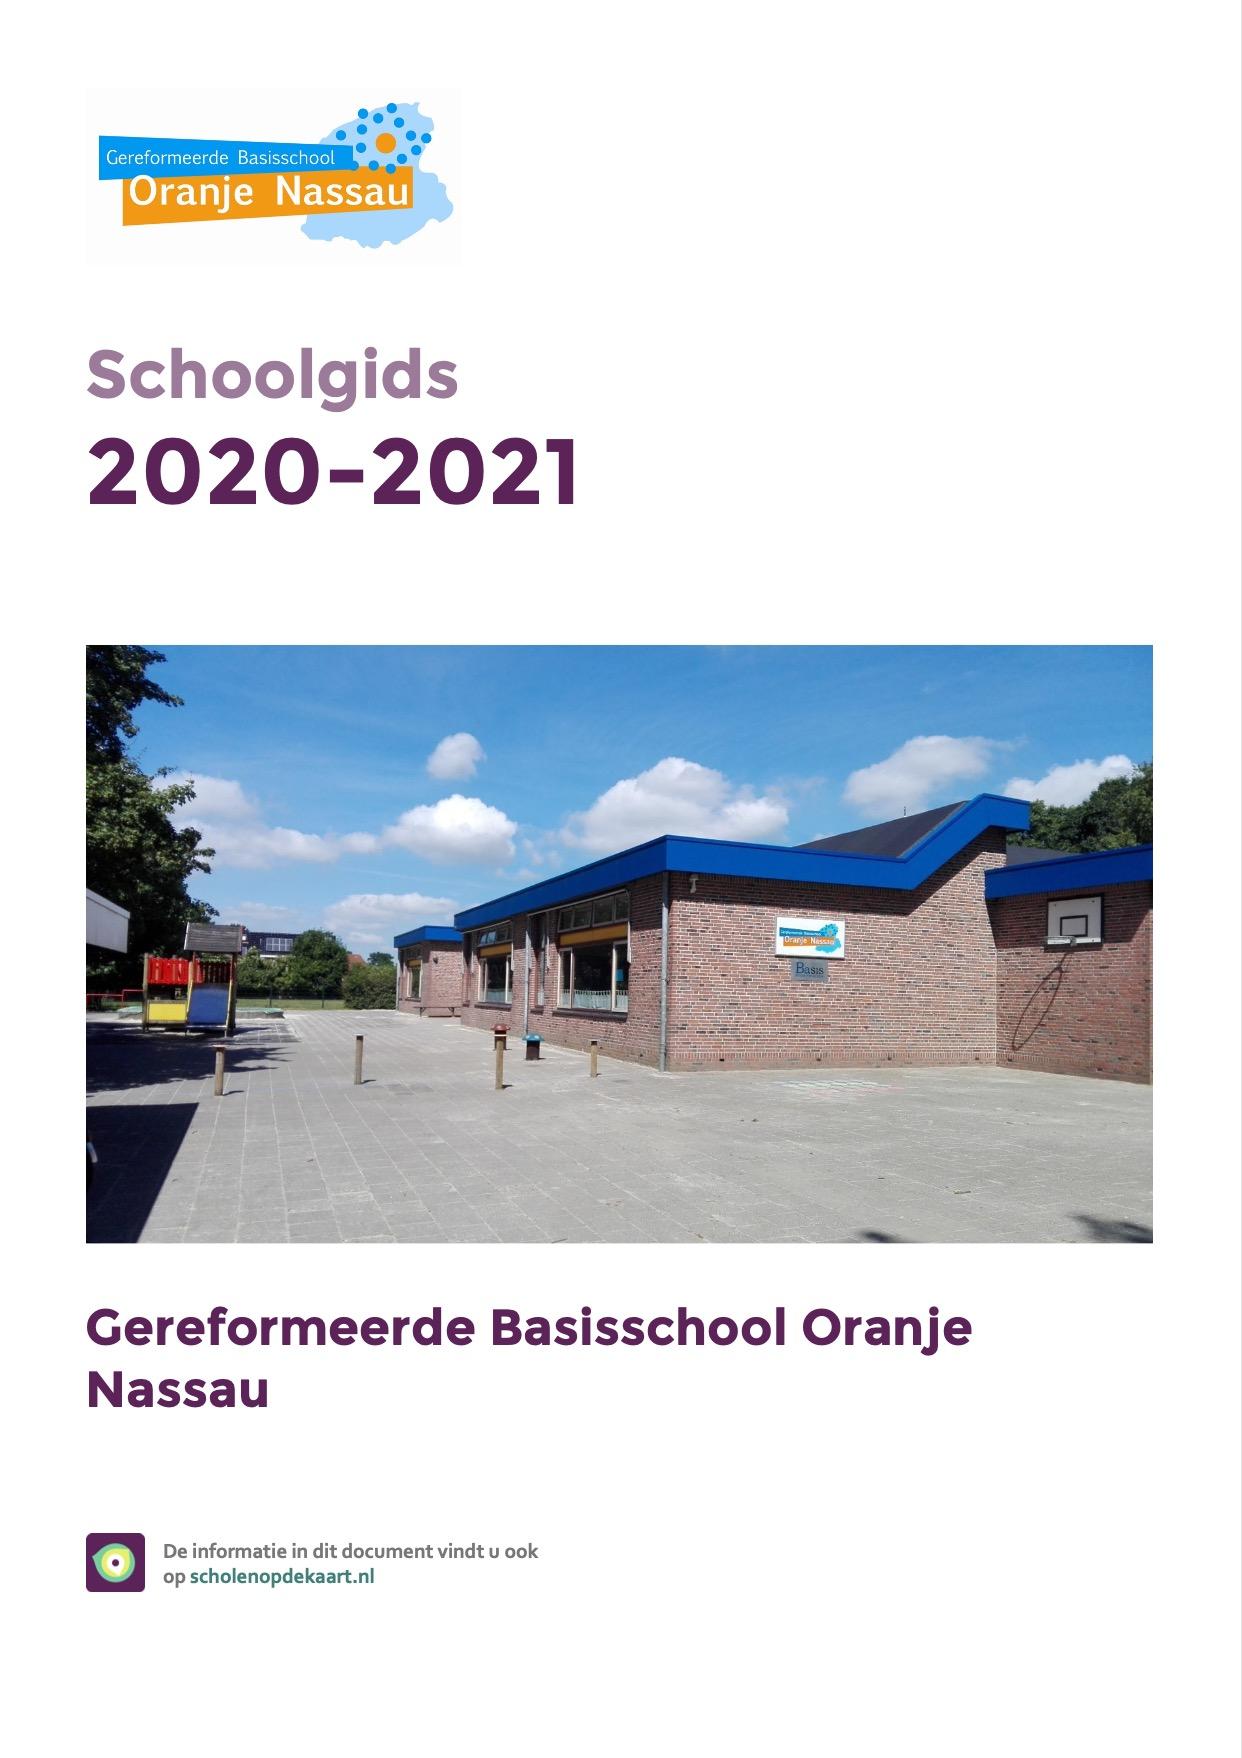 Afbeelding schoolgids 2020-2021